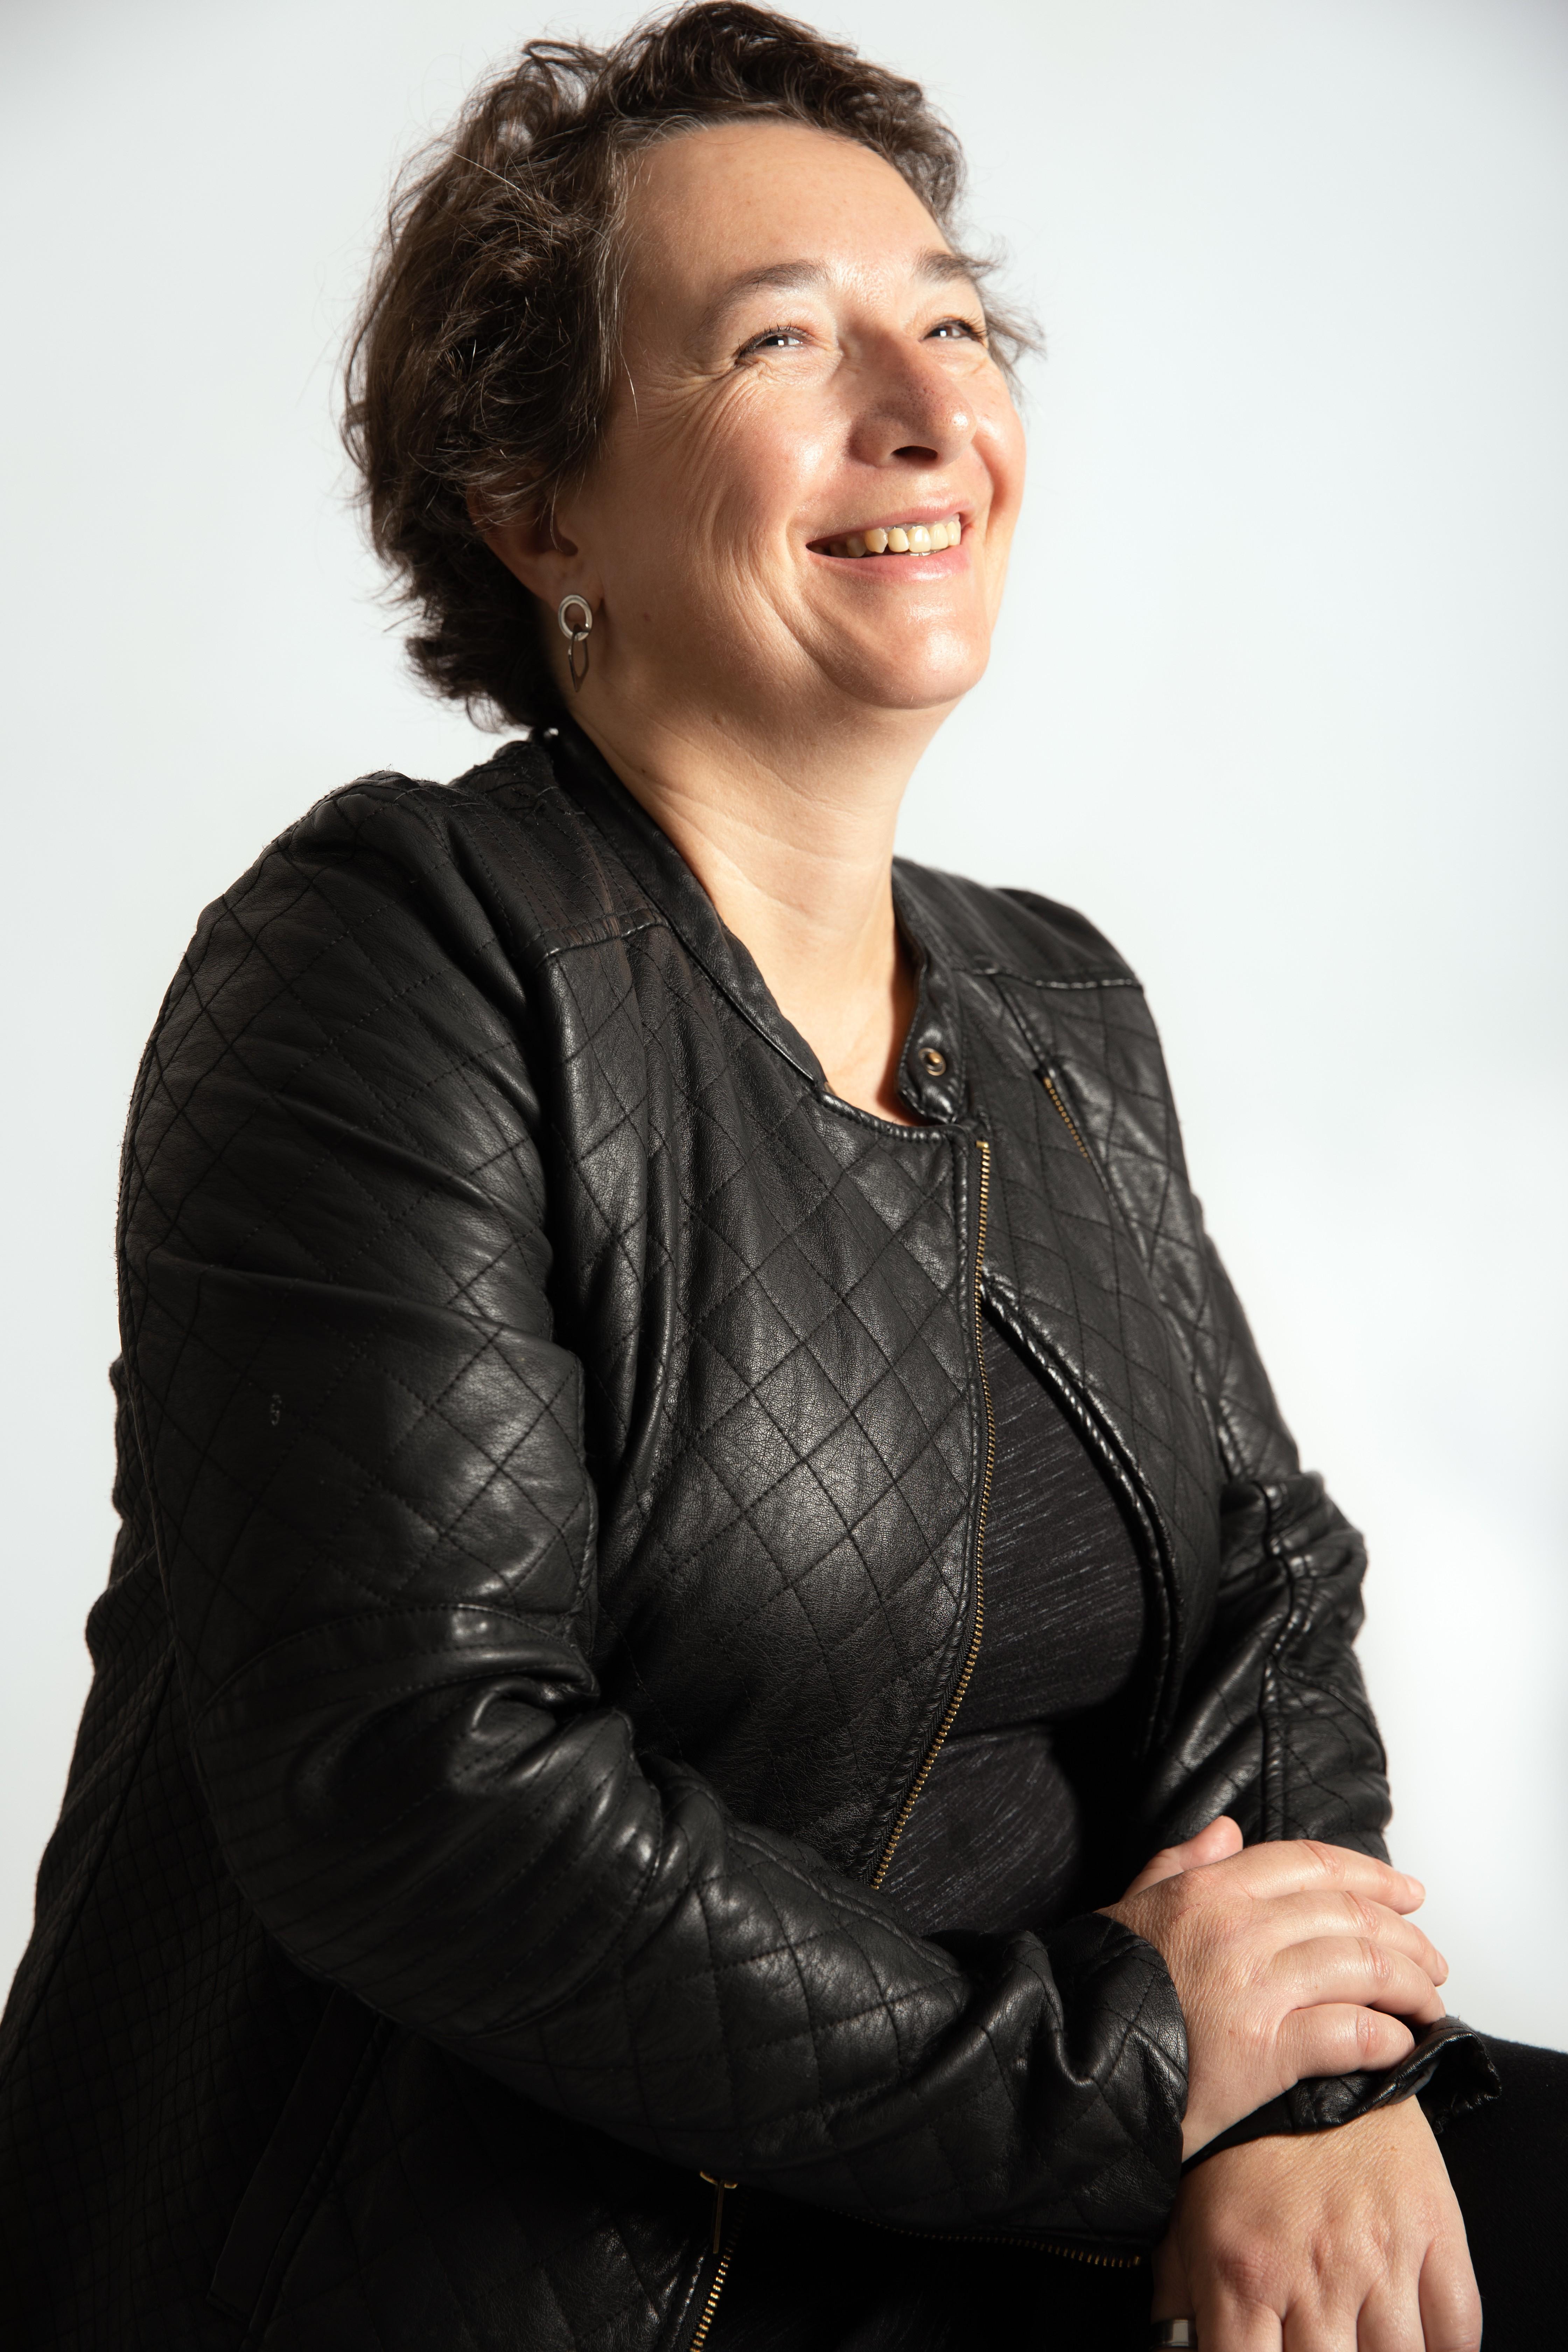 Sandrine Barquisseau